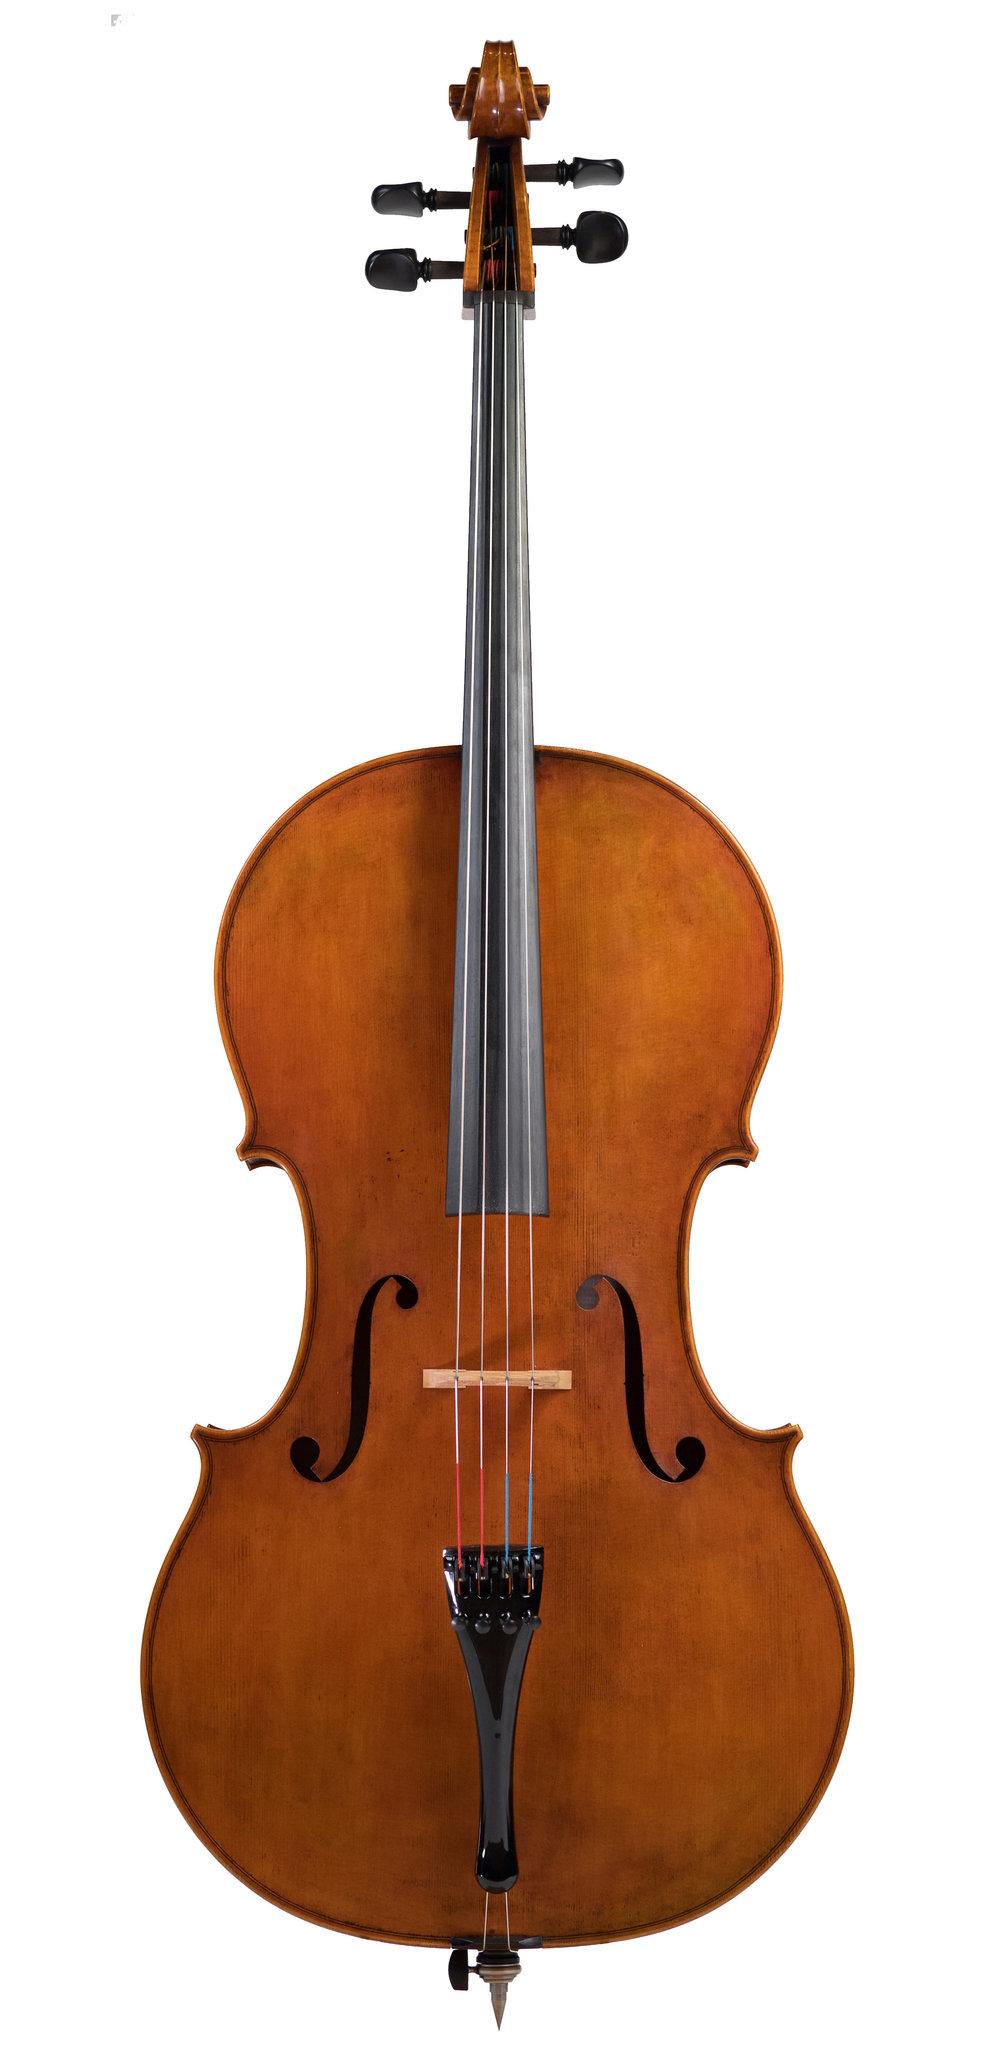 Heeyoung Kang cello, Chicago, 2017 -